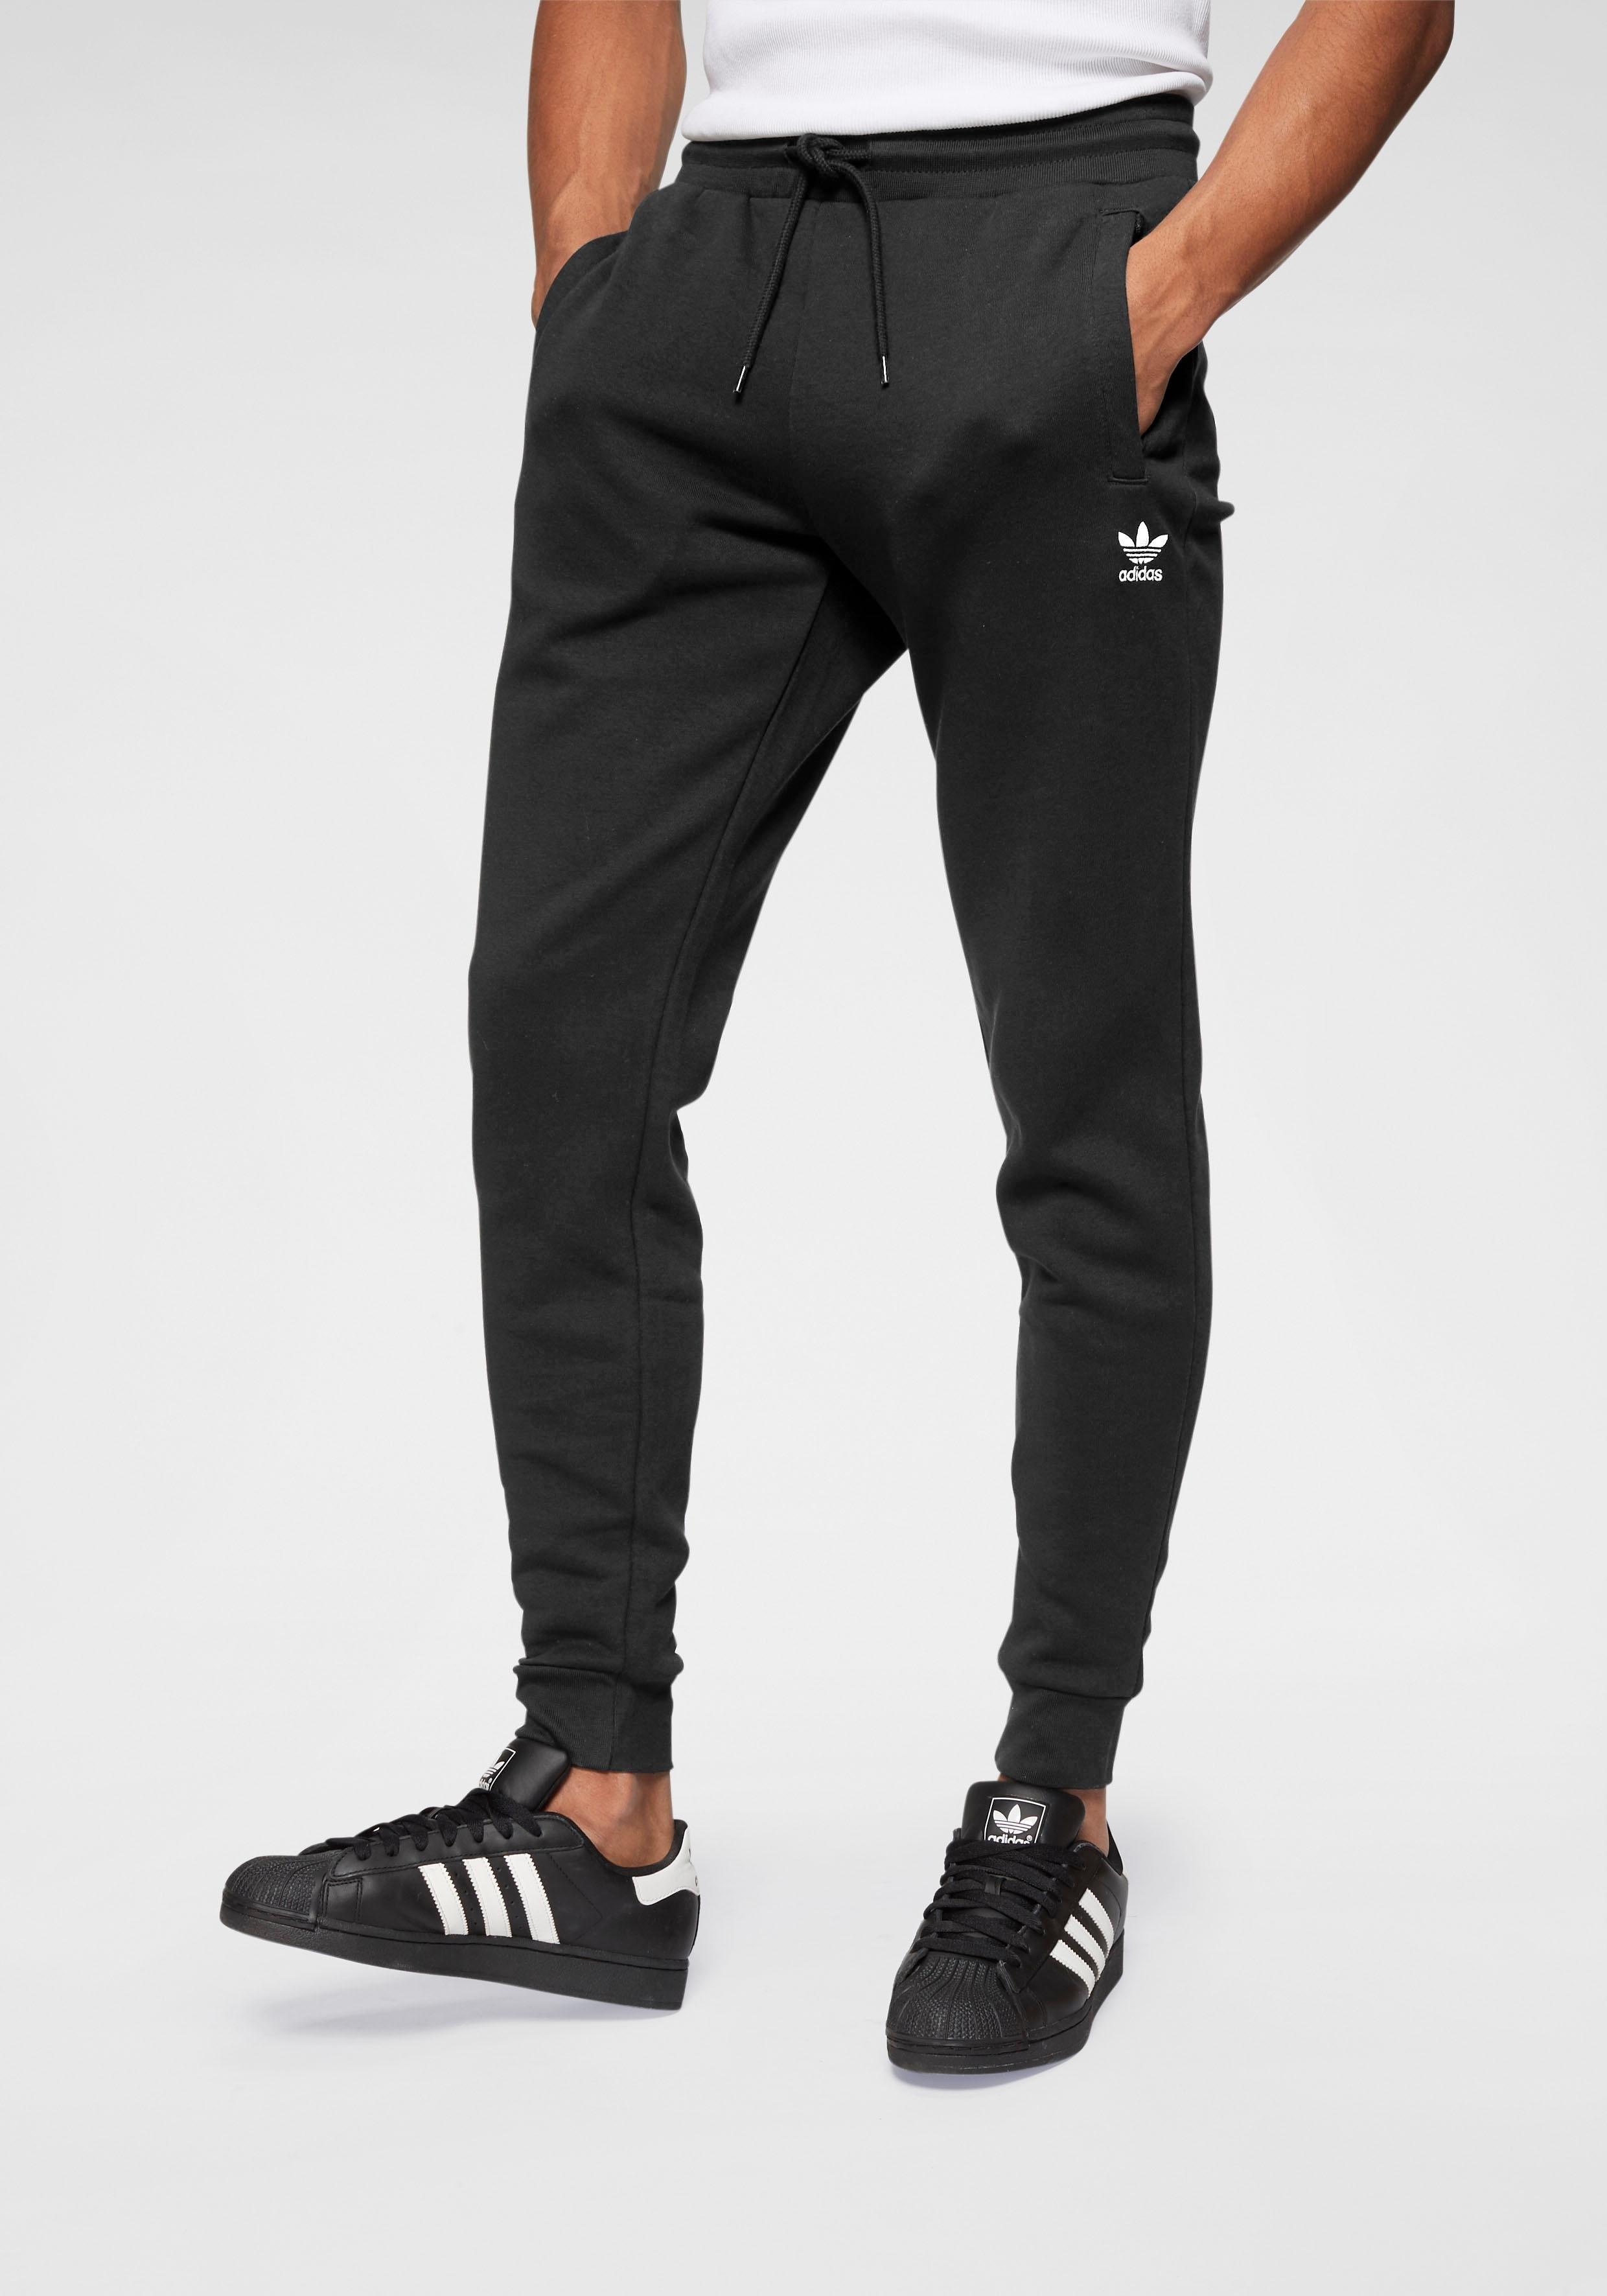 adidas Originals joggingbroek »SLIM FLC PANT« nu online kopen bij OTTO